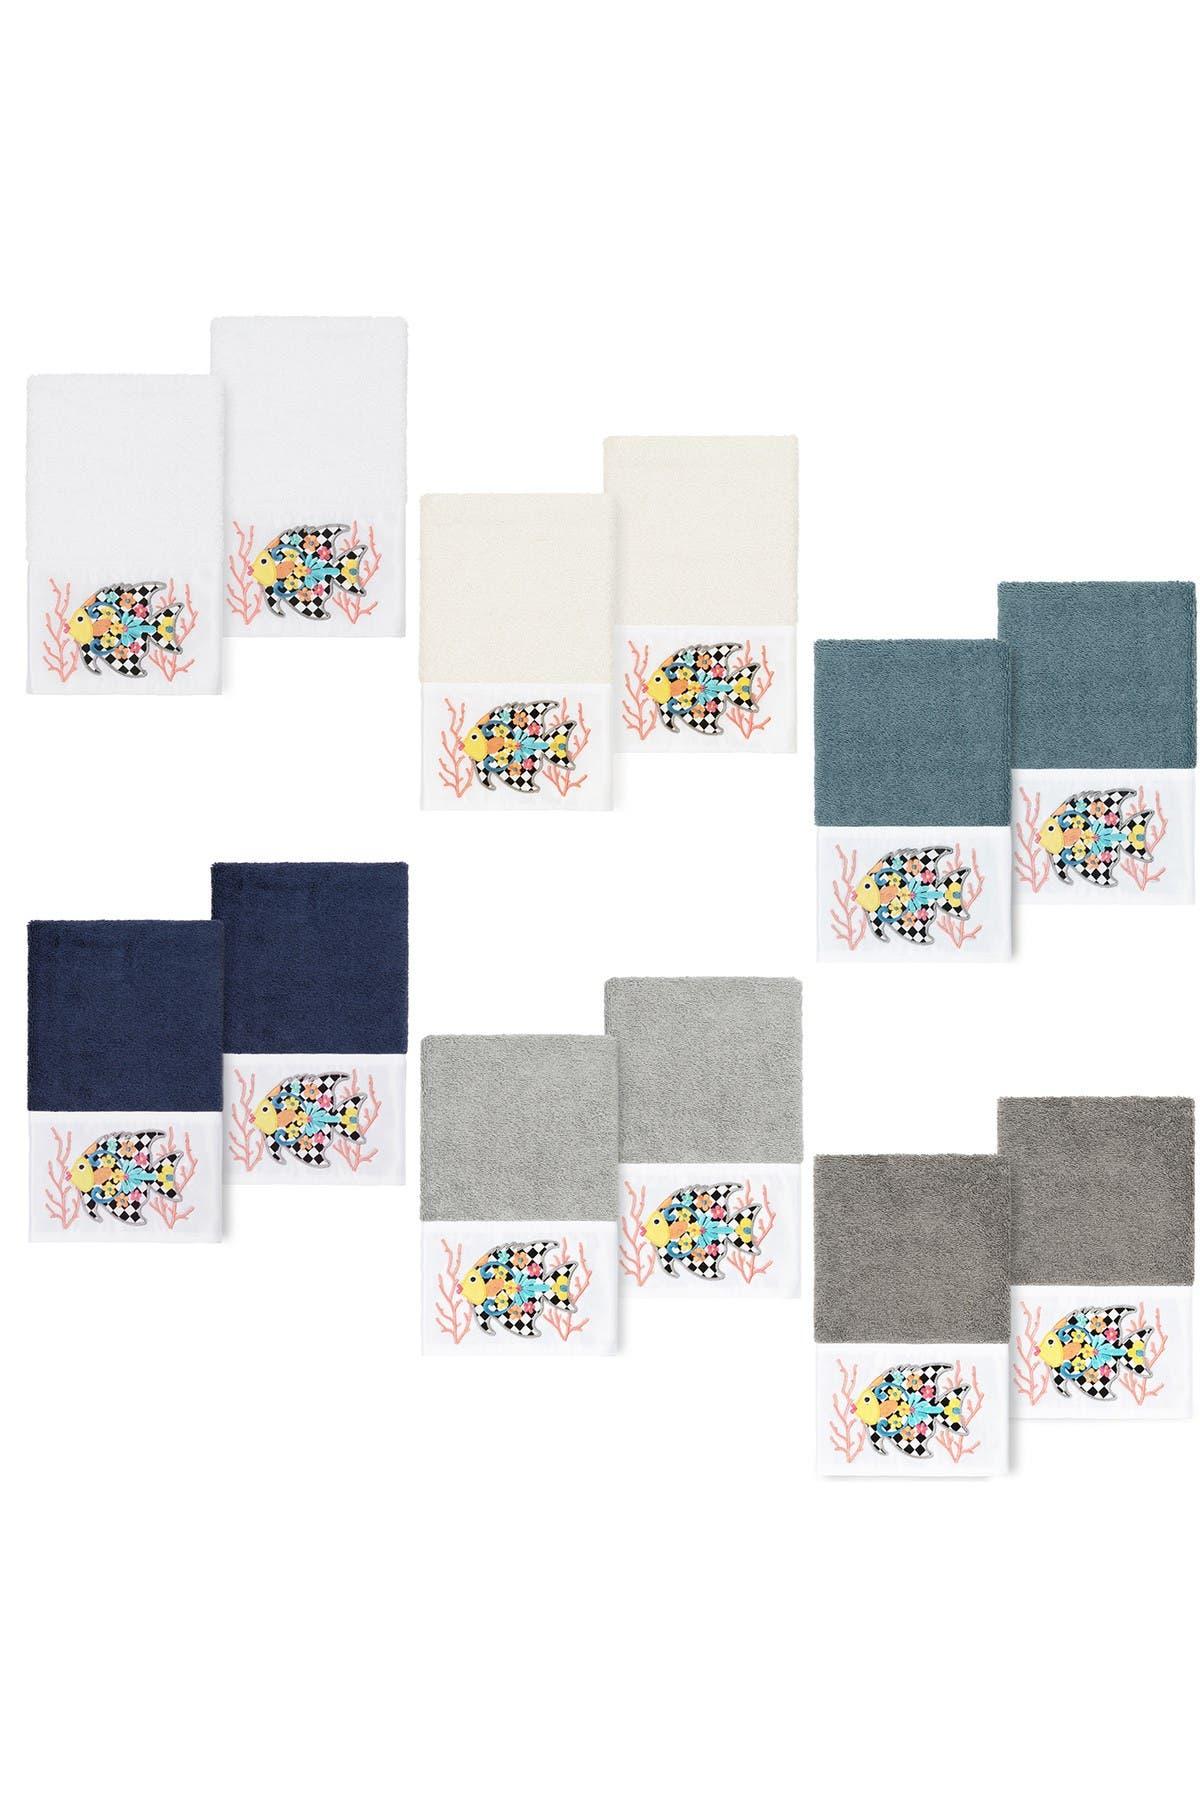 Image of LINUM HOME Feliz Embellished Hand Towel - Set of 2 - White